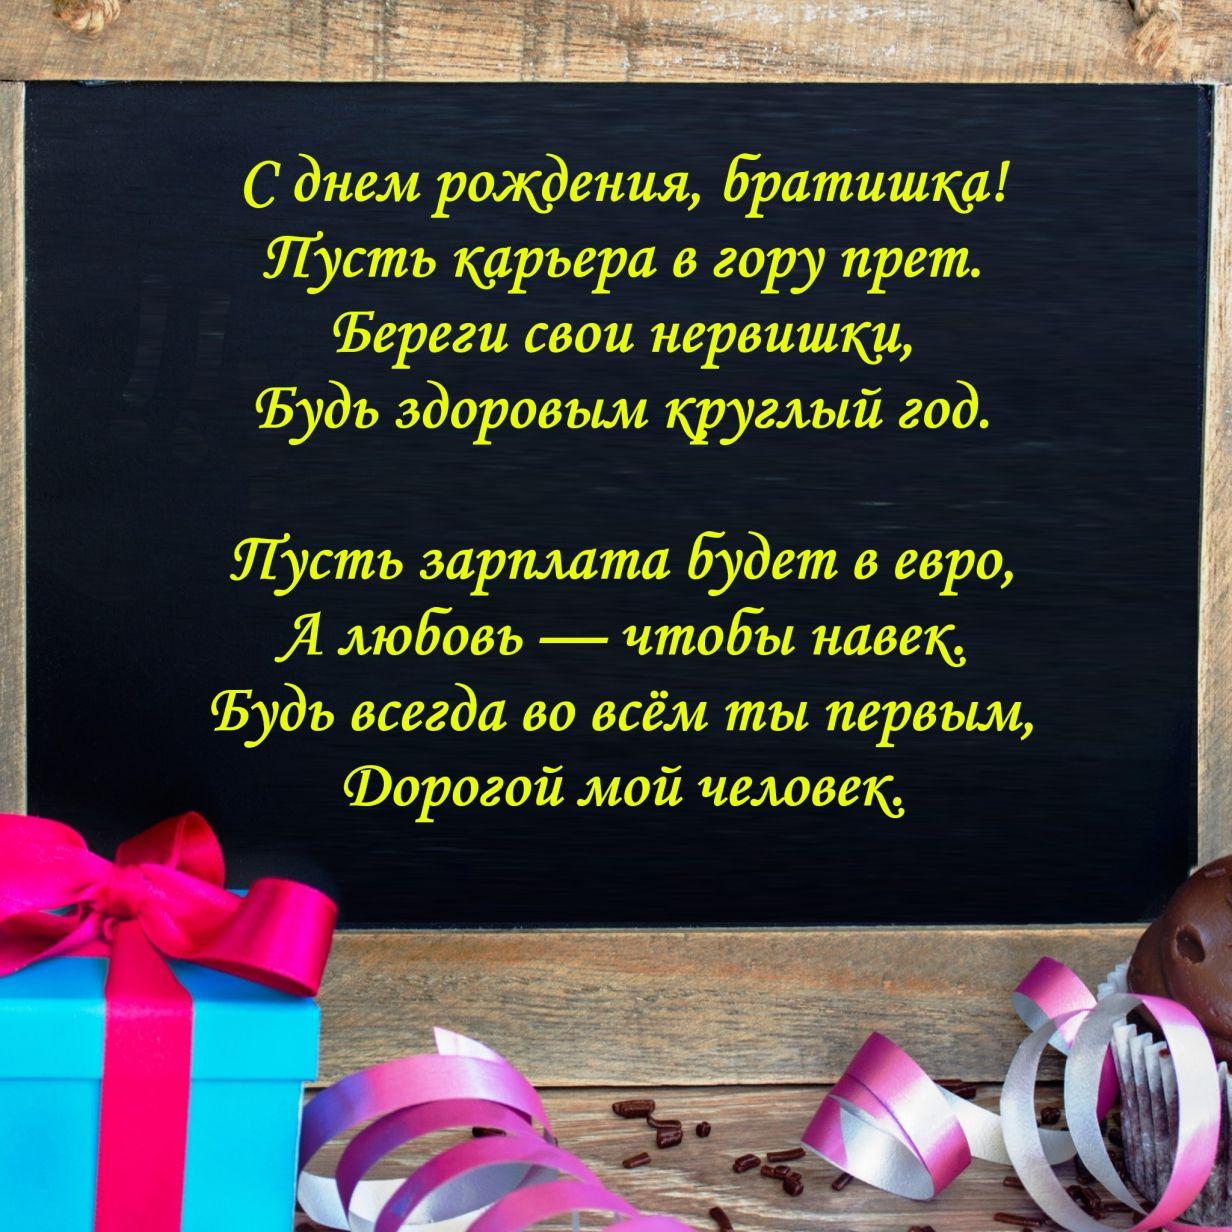 Поздравления с днем рождения брату | С днем рождения брат ...